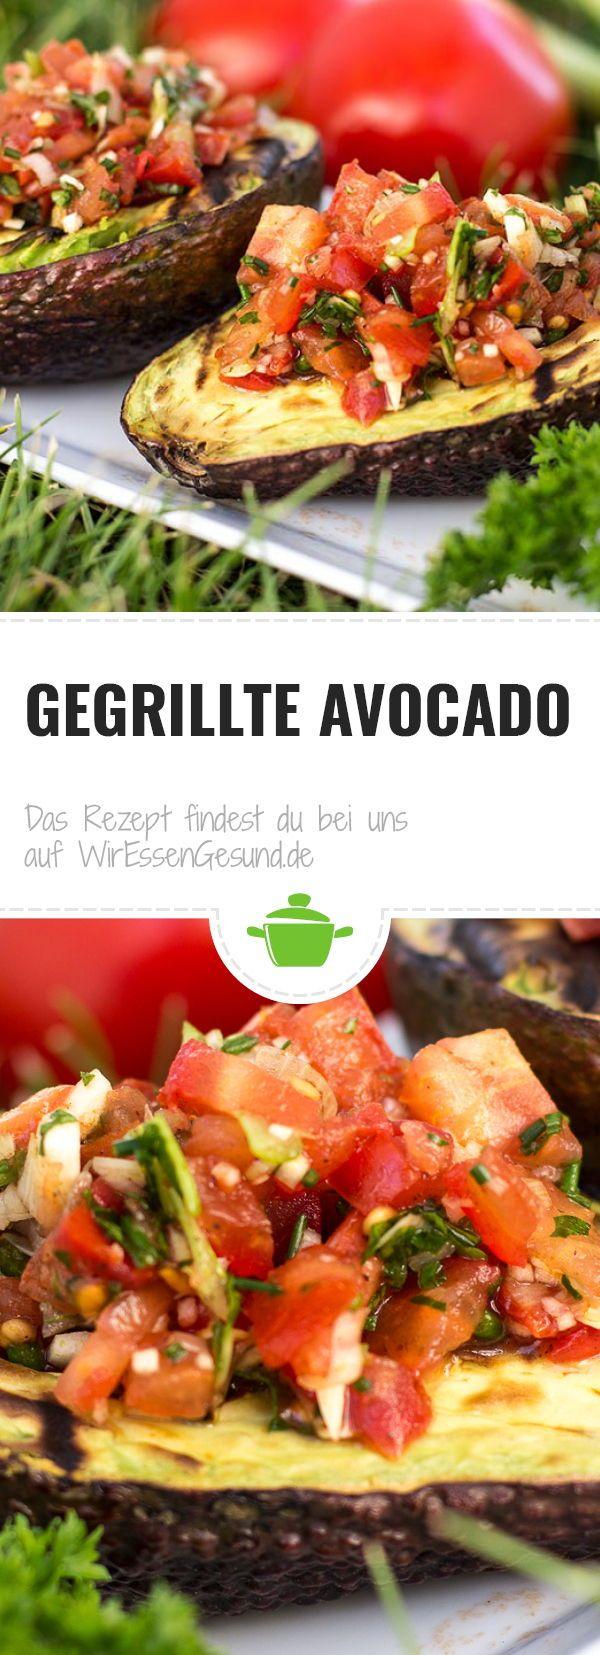 Gegrillte Avocado - WirEssenGesund